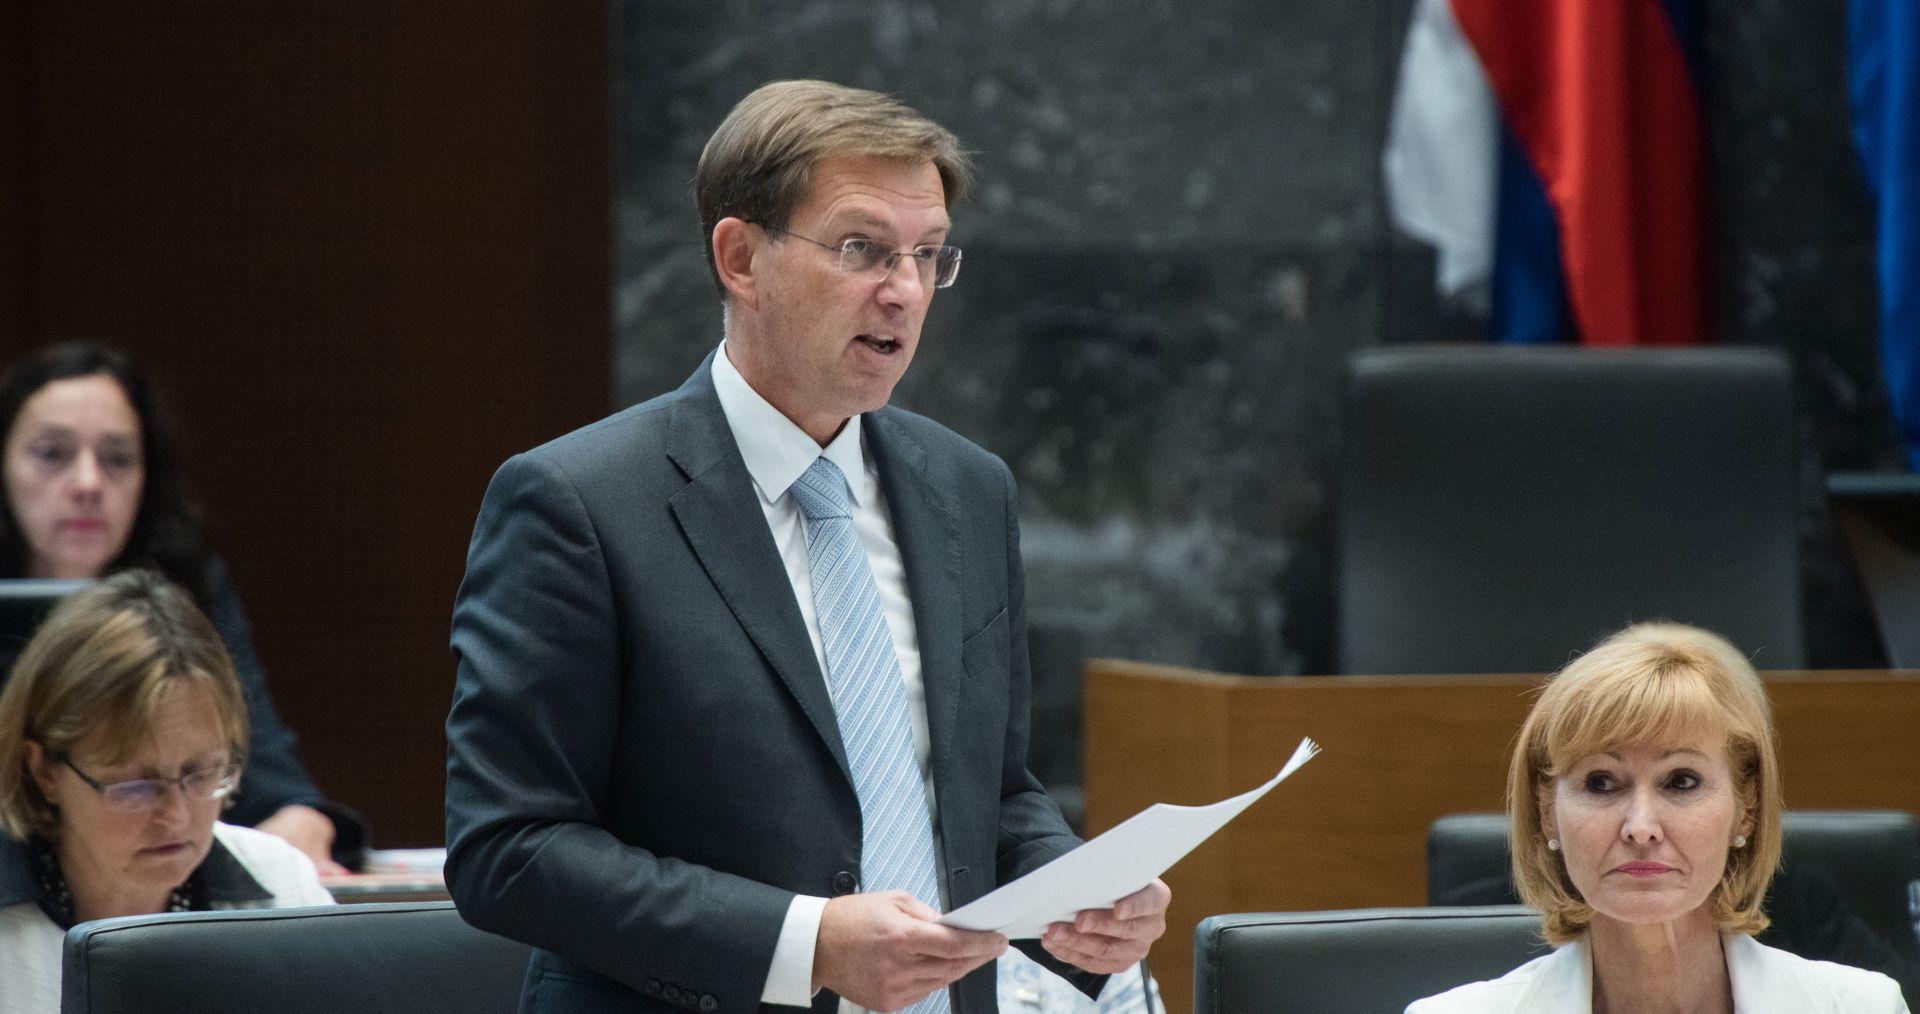 'Hrvatski prijedlozi o novom okviru za pregovore neprihvatljivi'